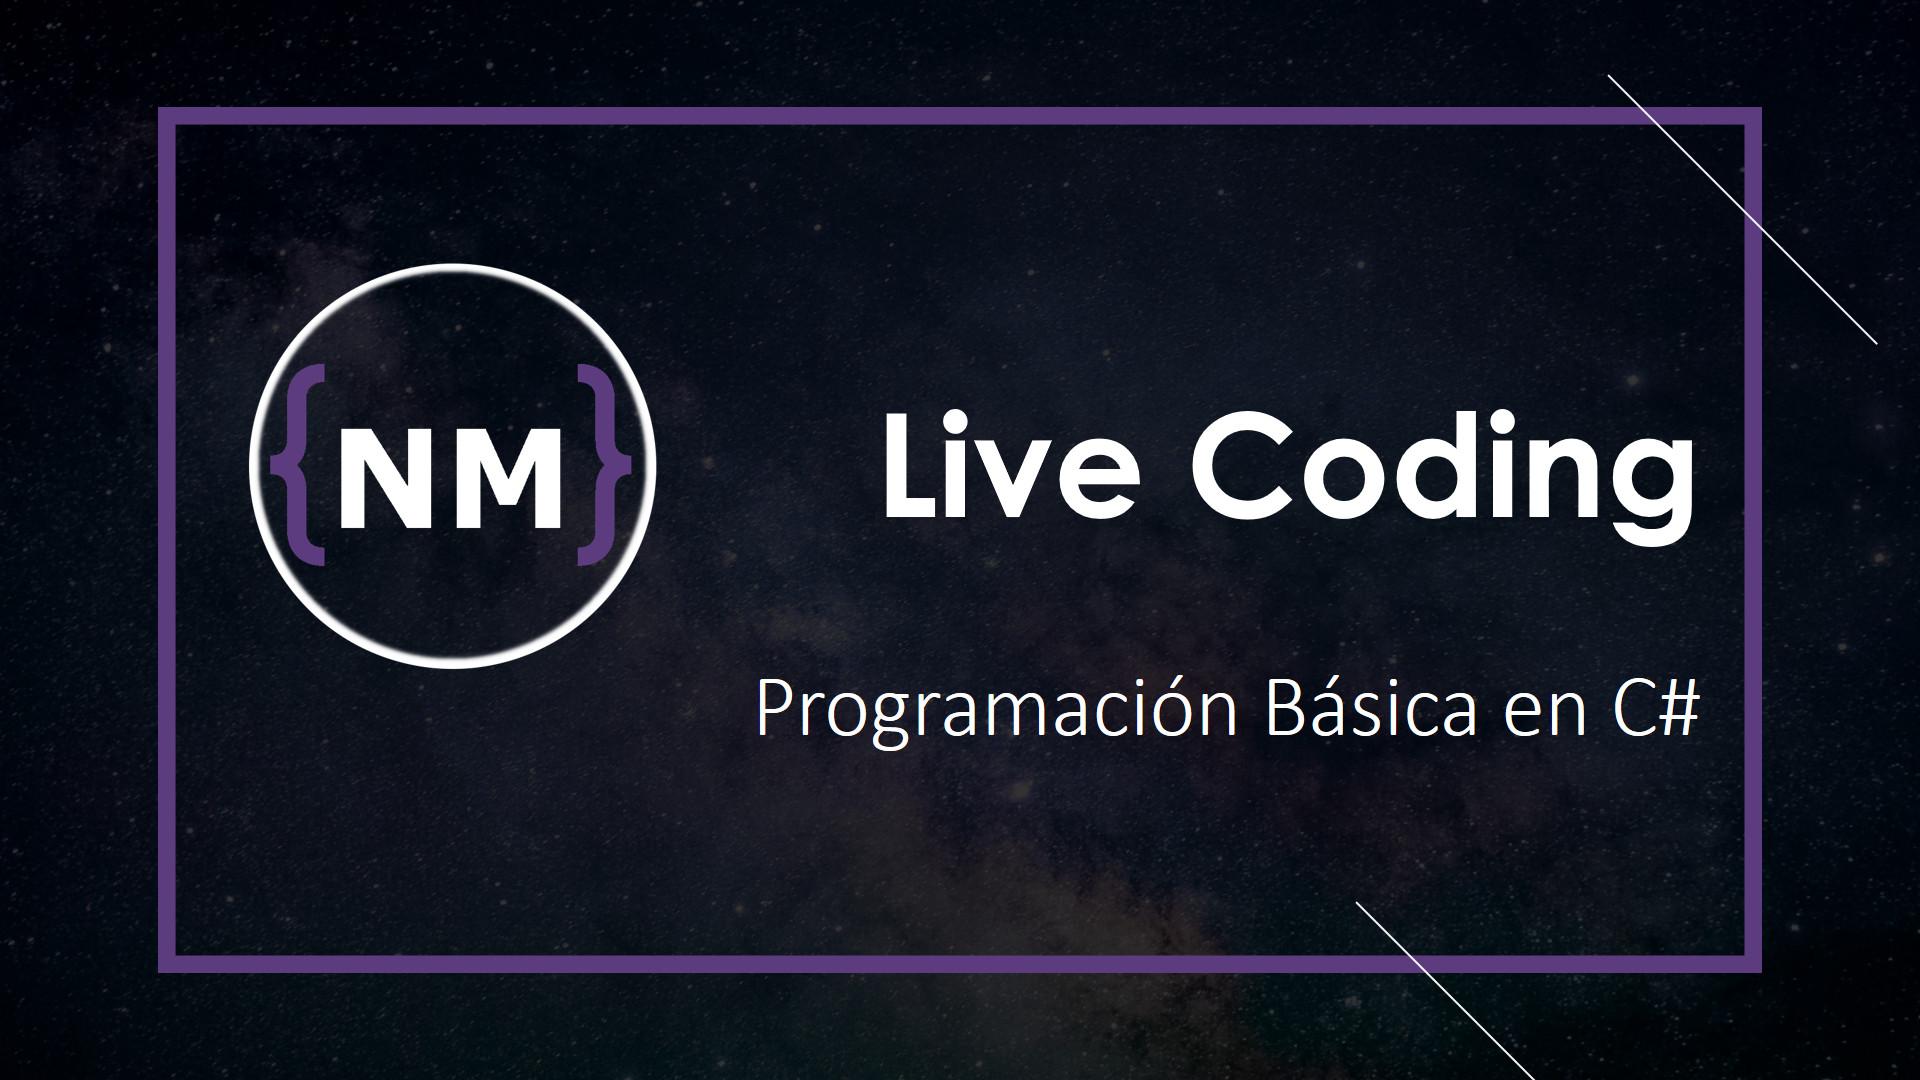 Tutorial live coding con ejercicios basicos